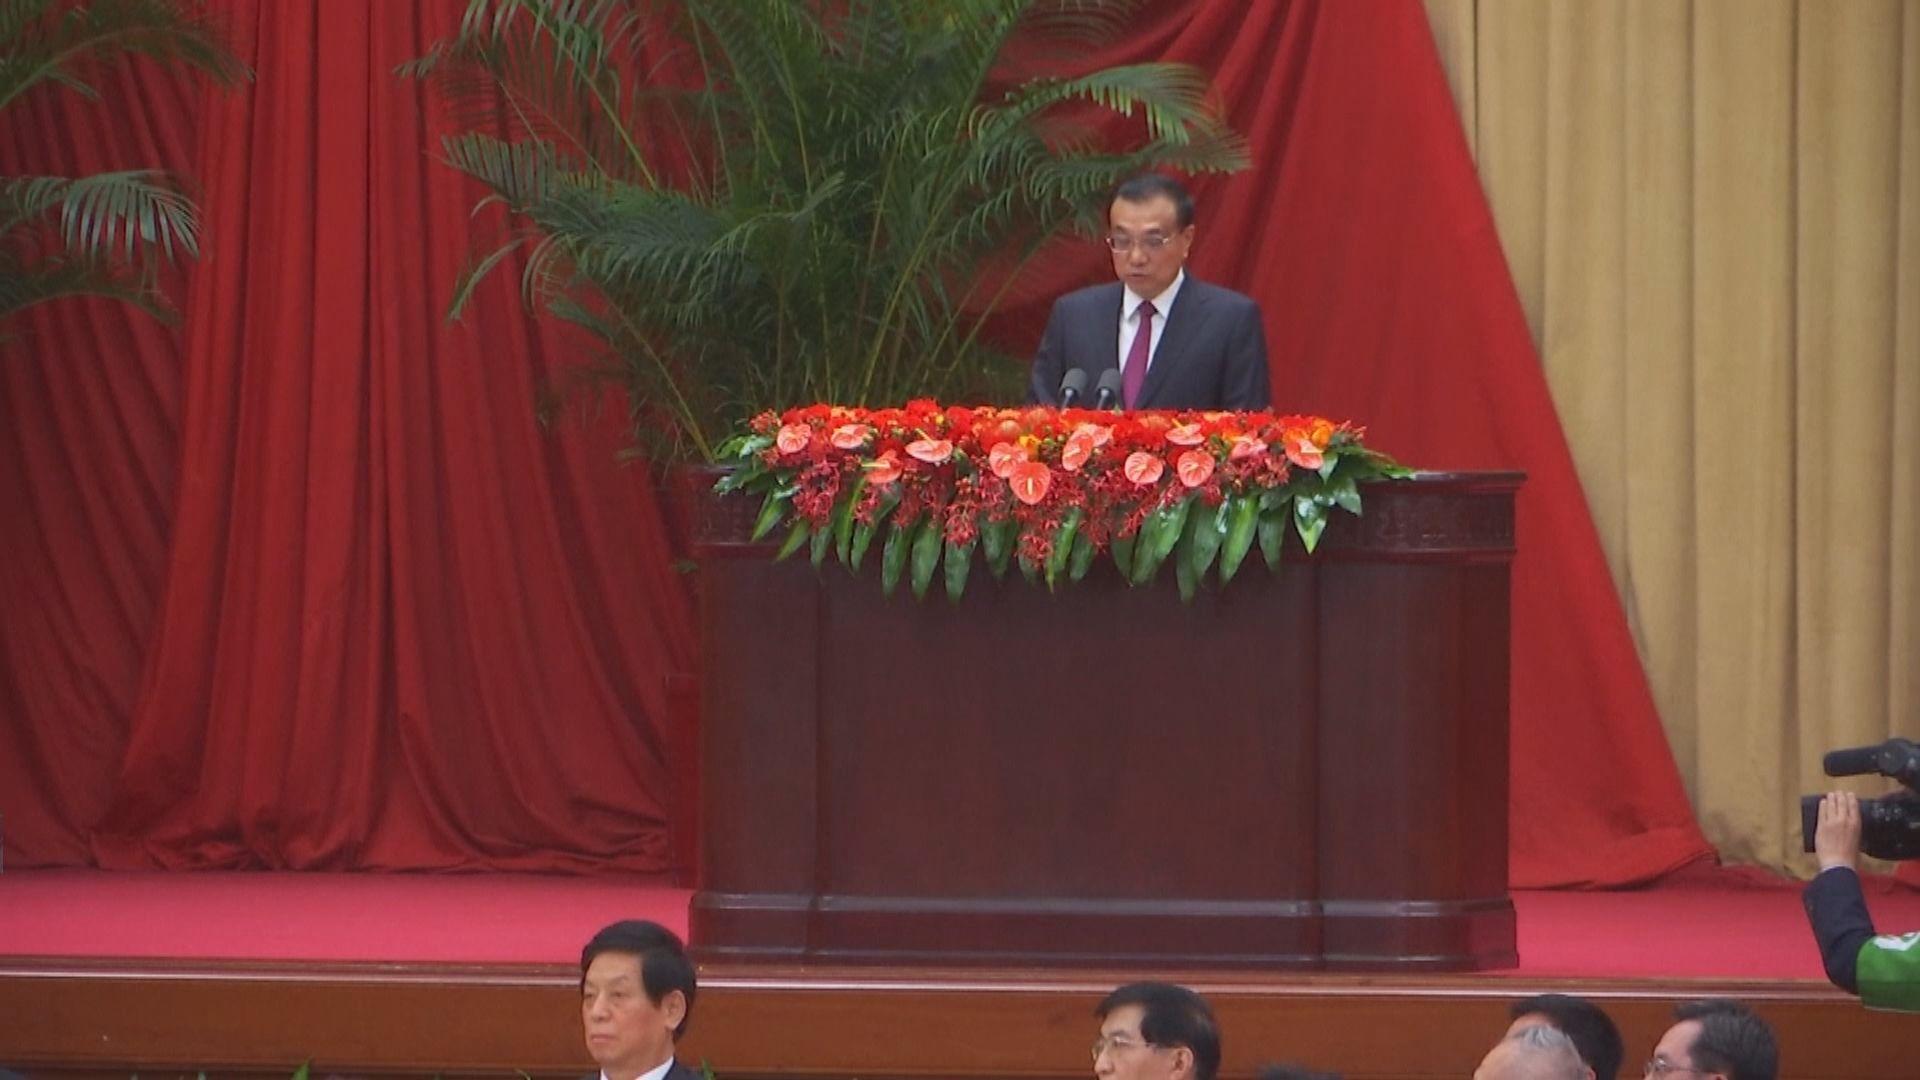 李克強:將繼續堅定不移全面準確貫徹一國兩制